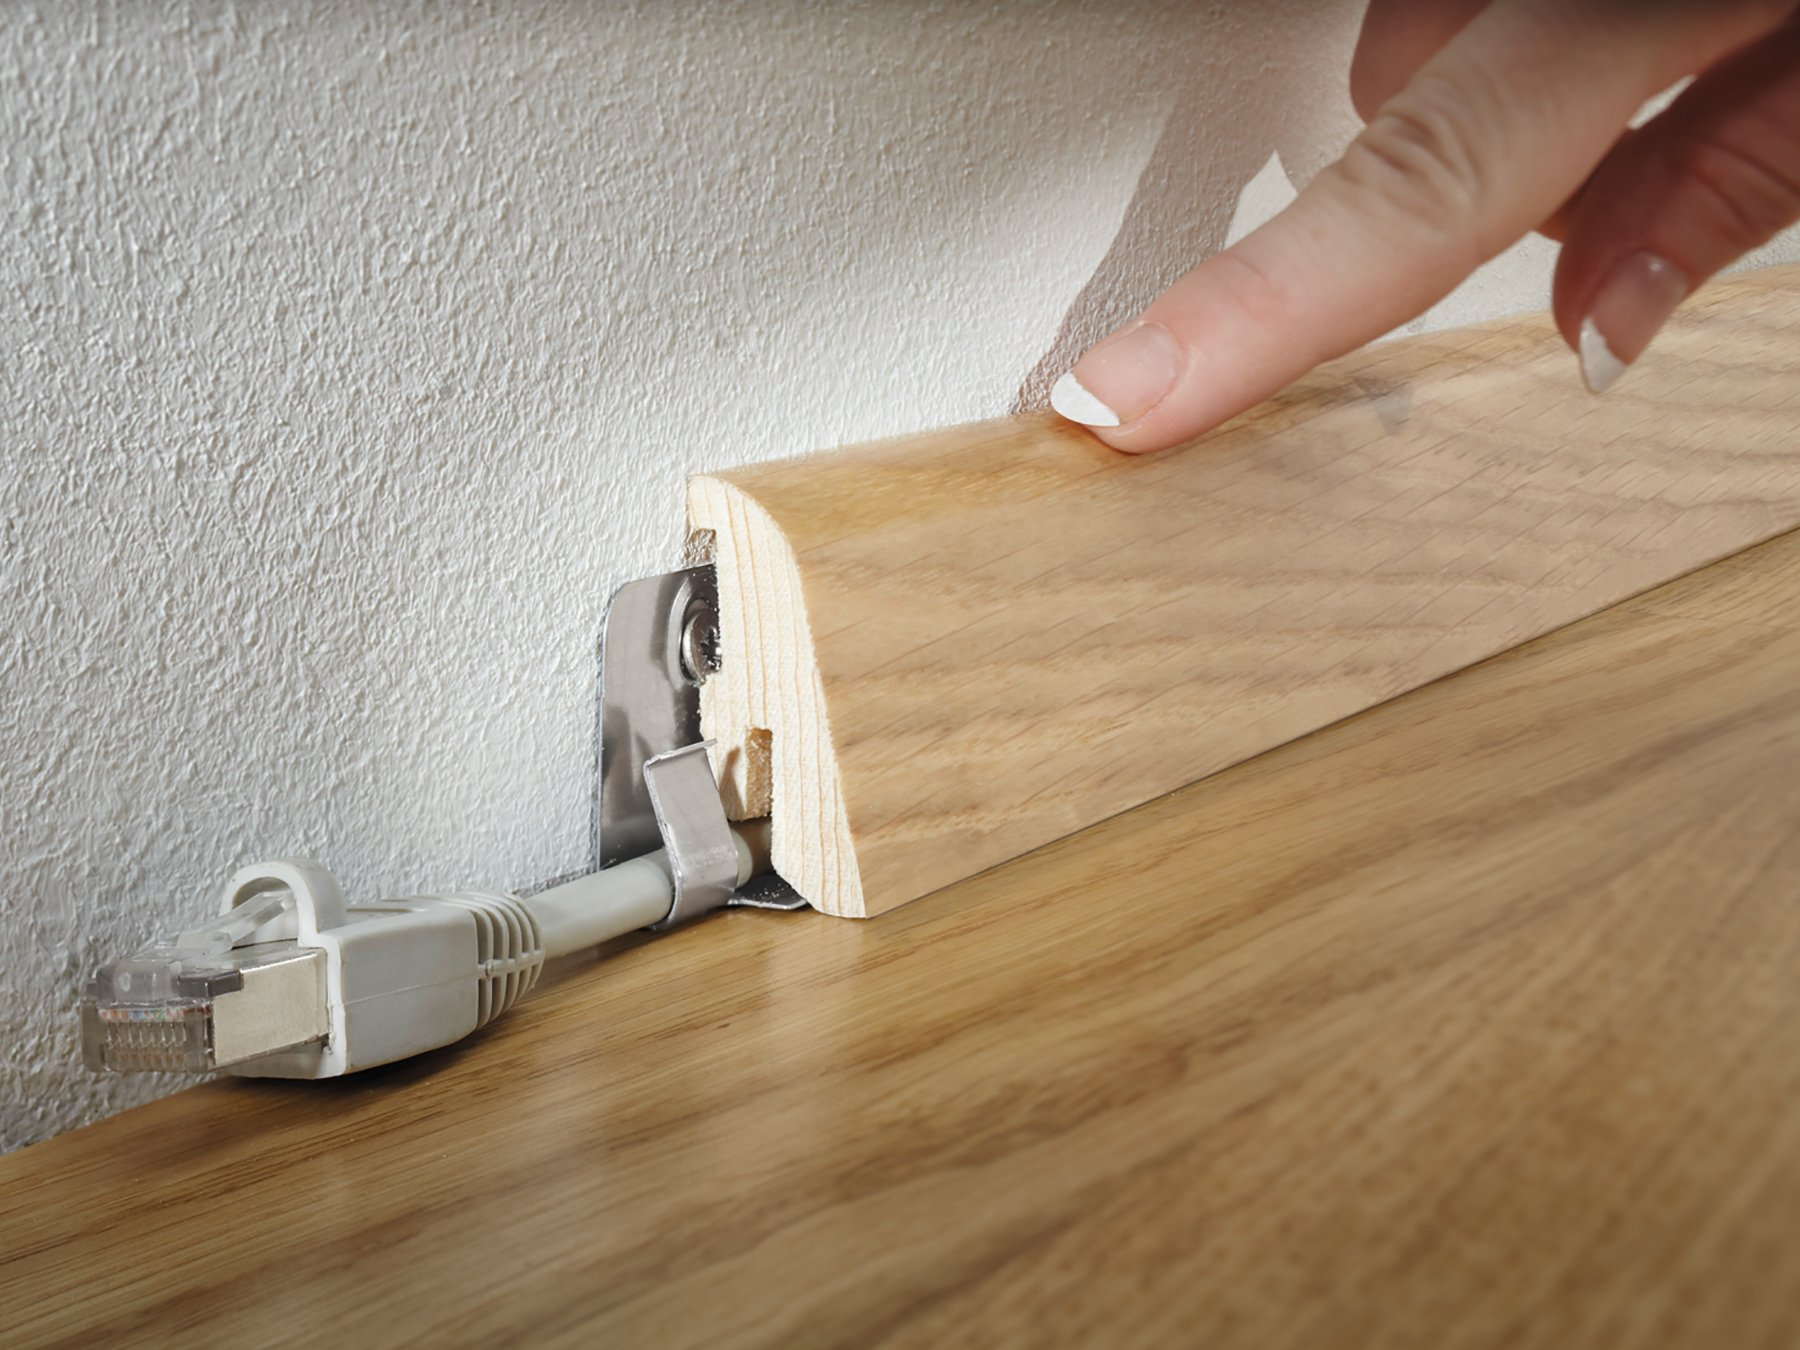 Как установить плинтус на пол. основные нюансы монтажа.